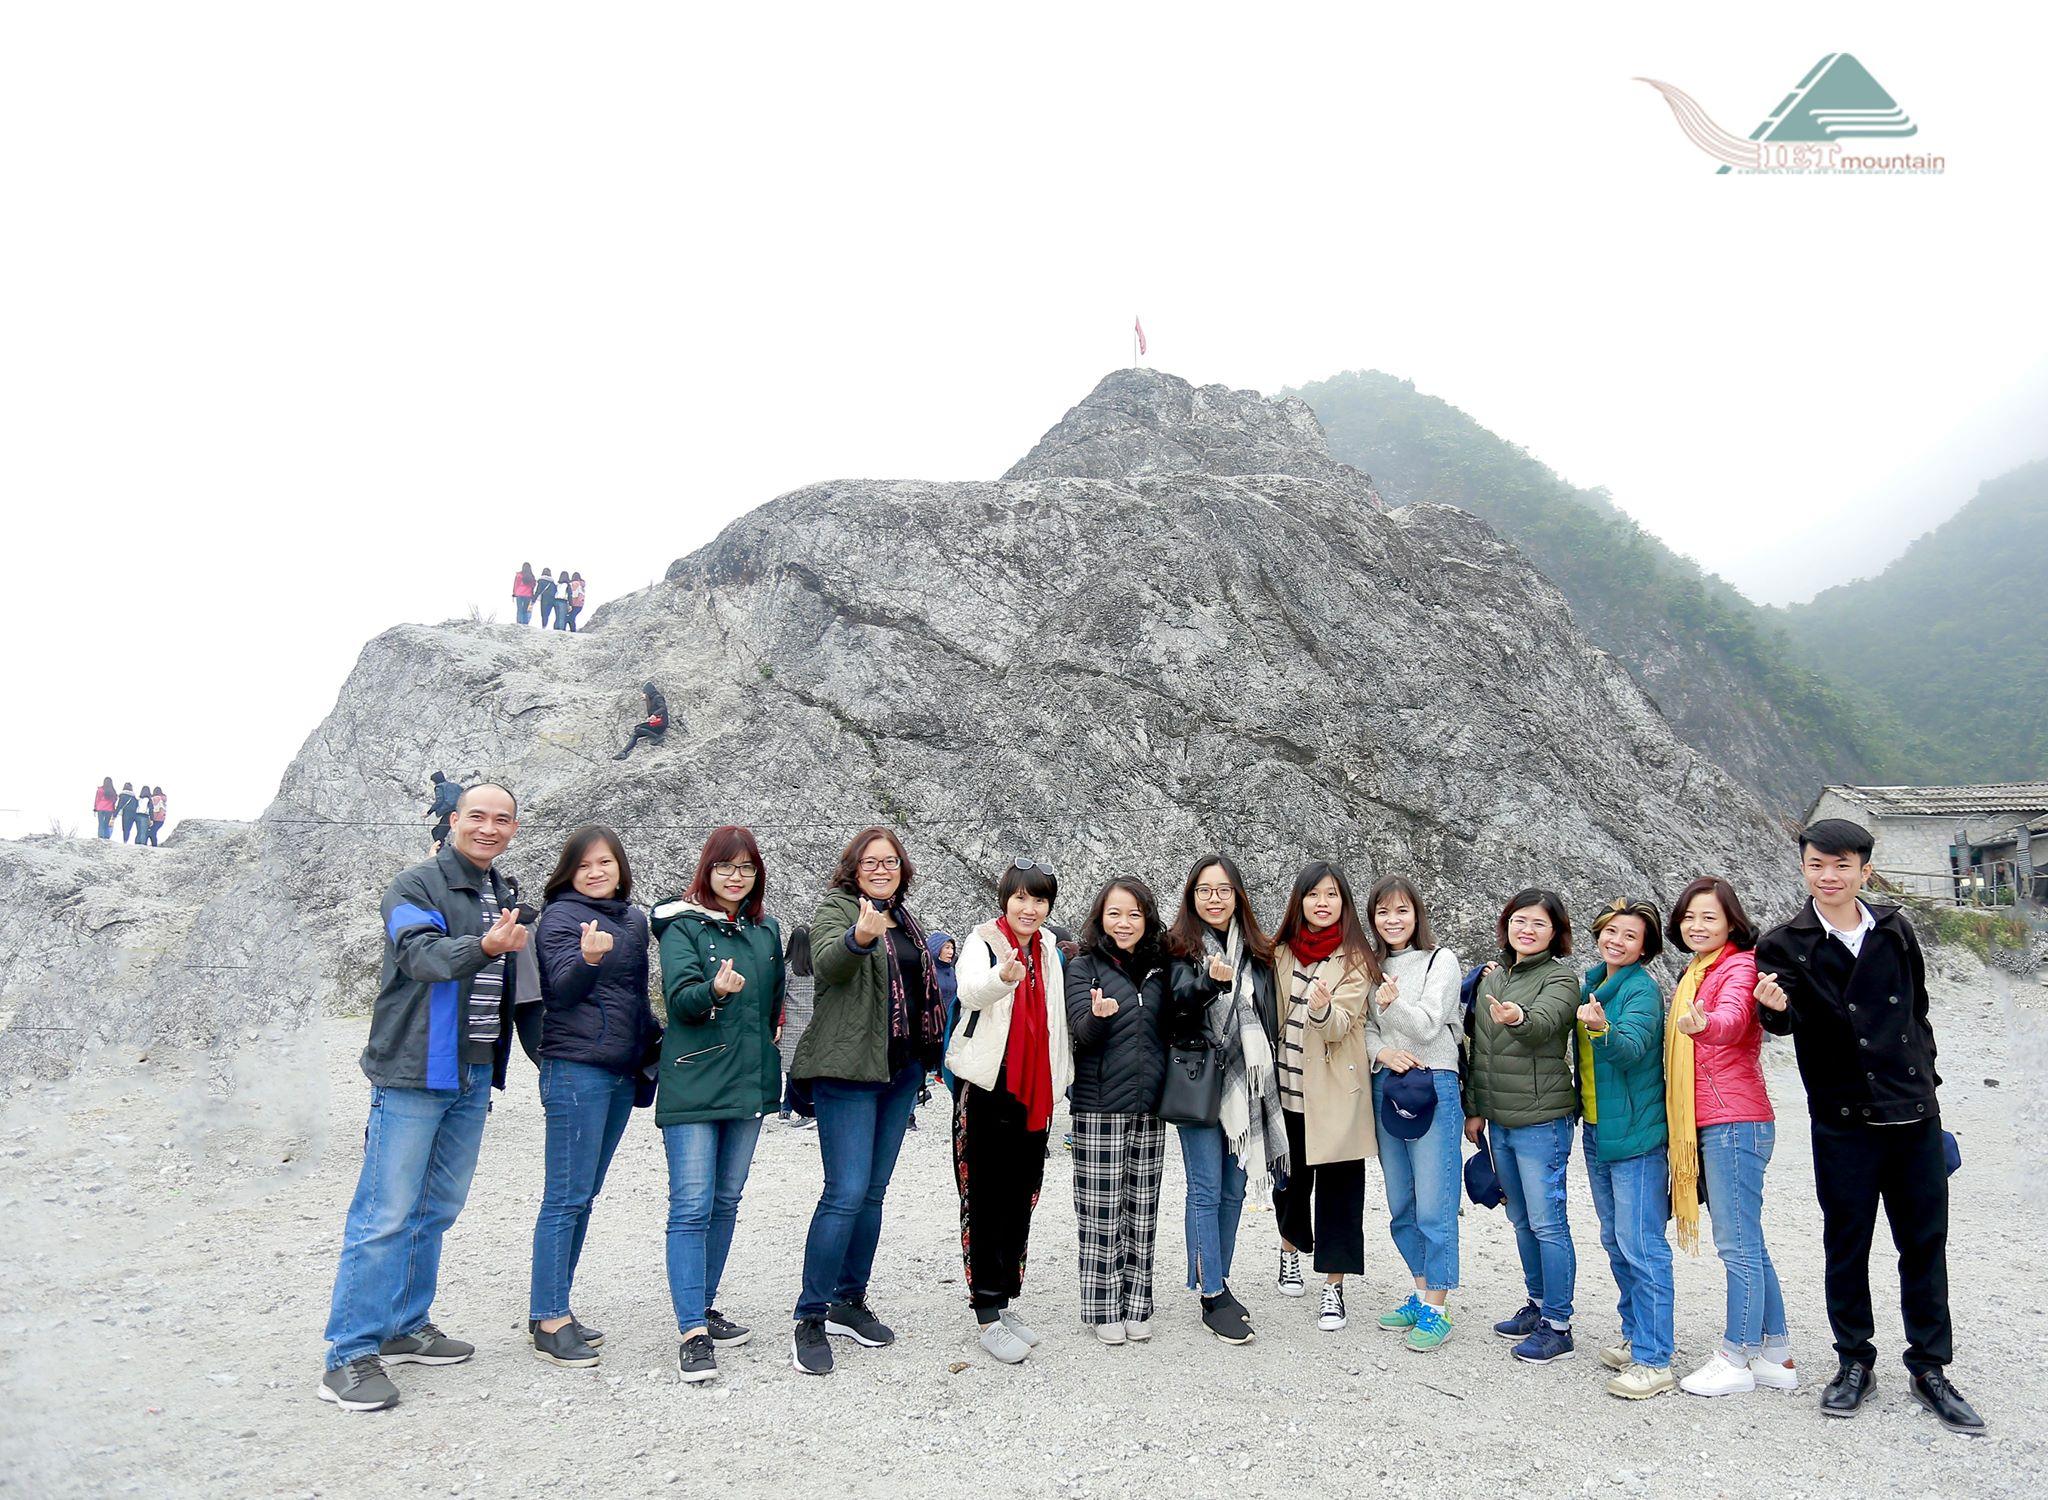 Cong-ty-du-lich-chuyen-tour-tay-bac-vietmountain-travel2111